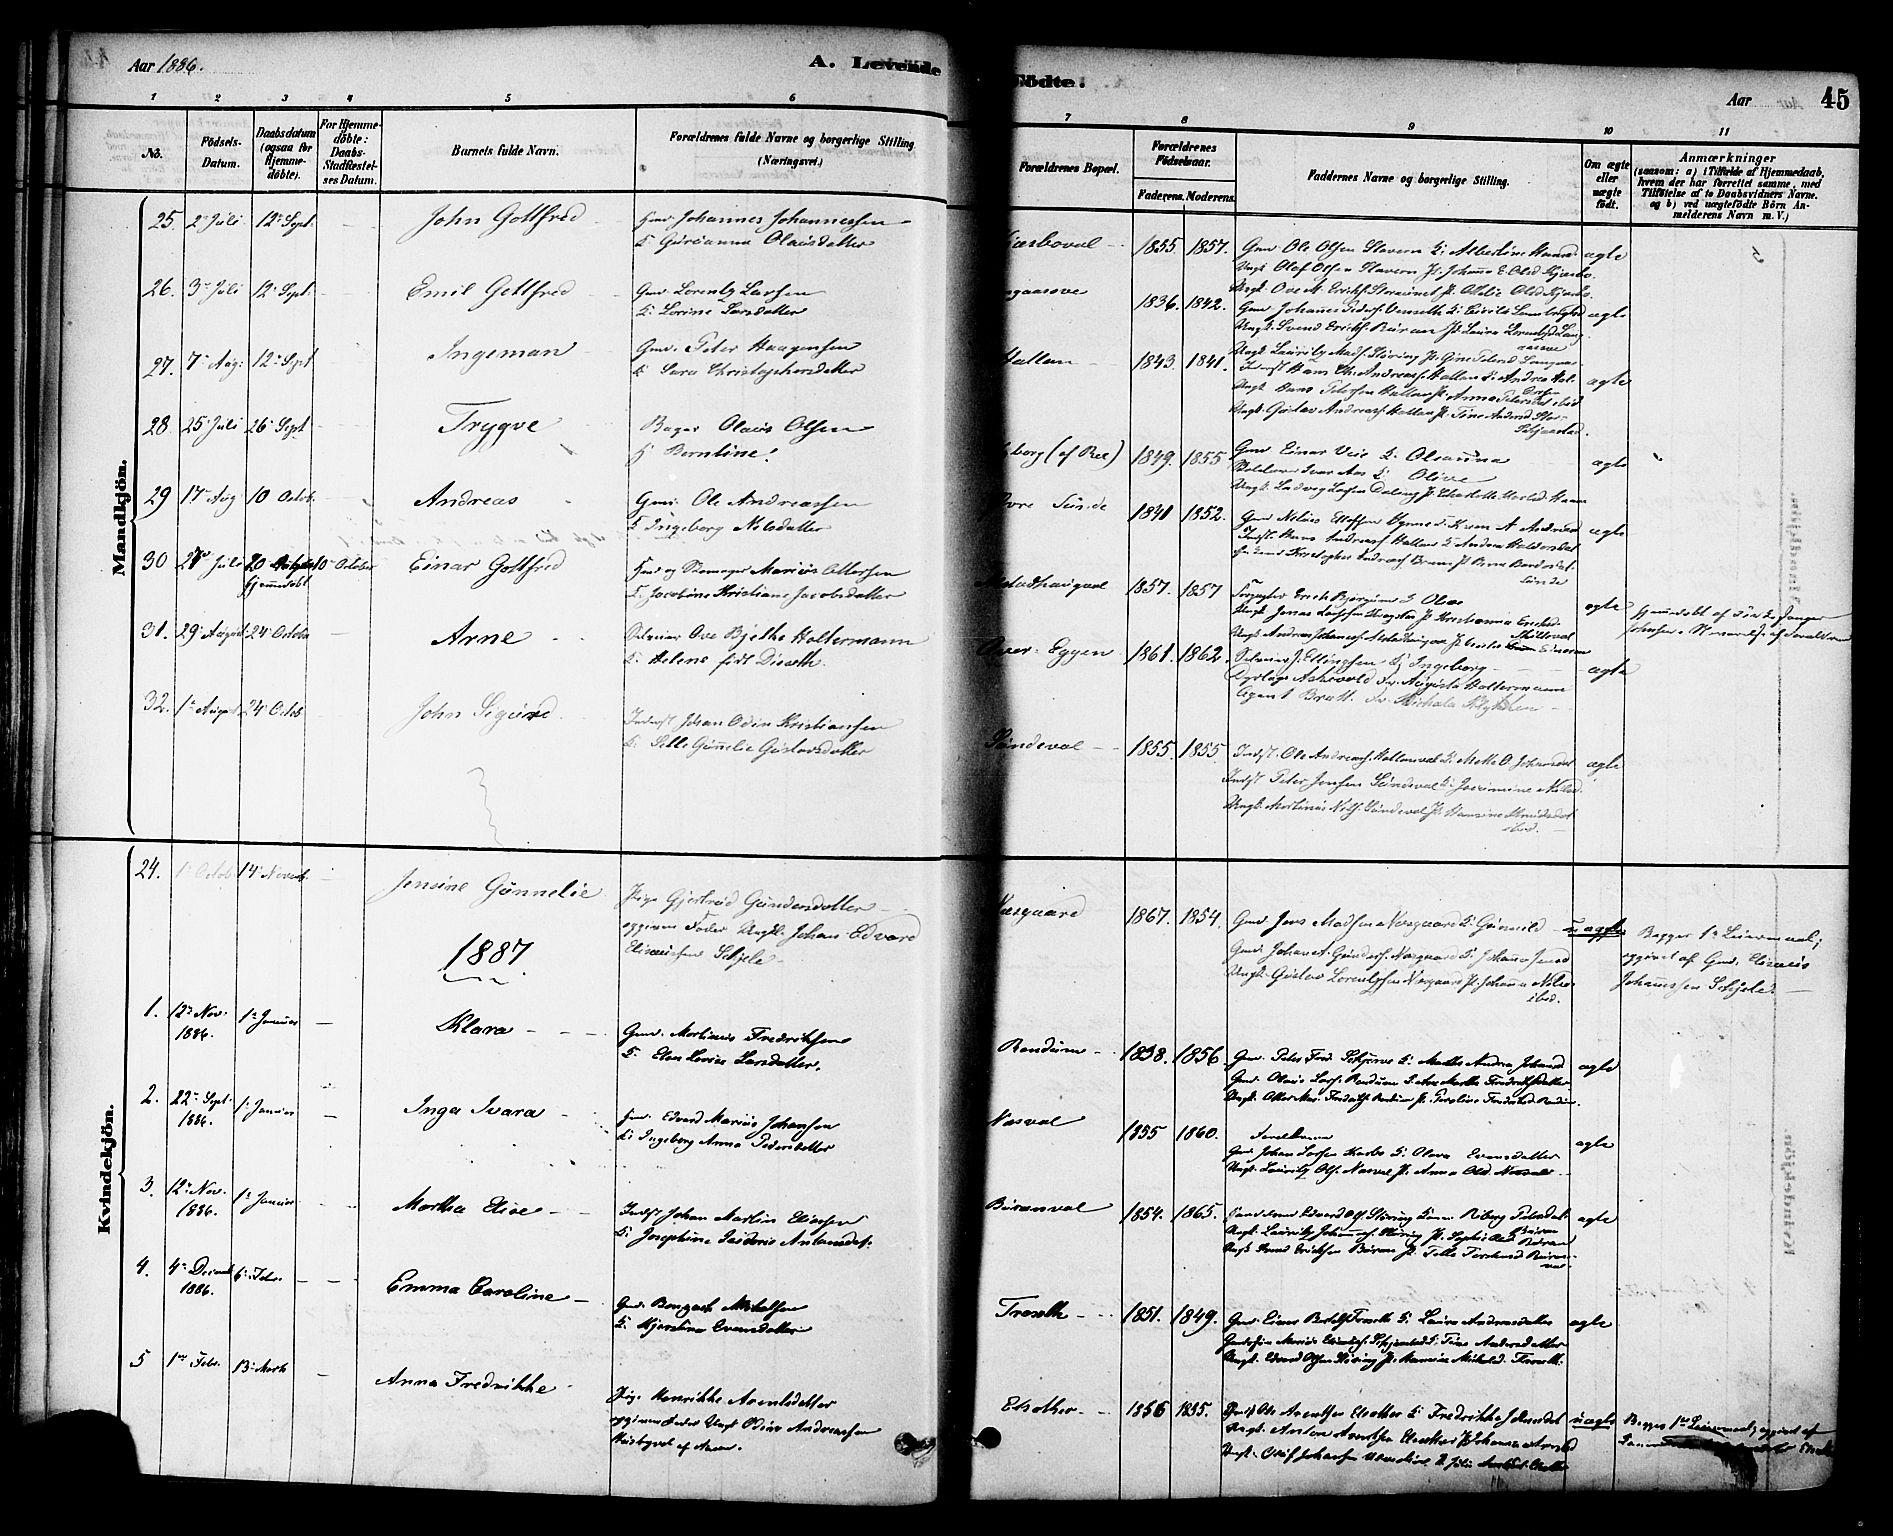 SAT, Ministerialprotokoller, klokkerbøker og fødselsregistre - Nord-Trøndelag, 717/L0159: Ministerialbok nr. 717A09, 1878-1898, s. 45